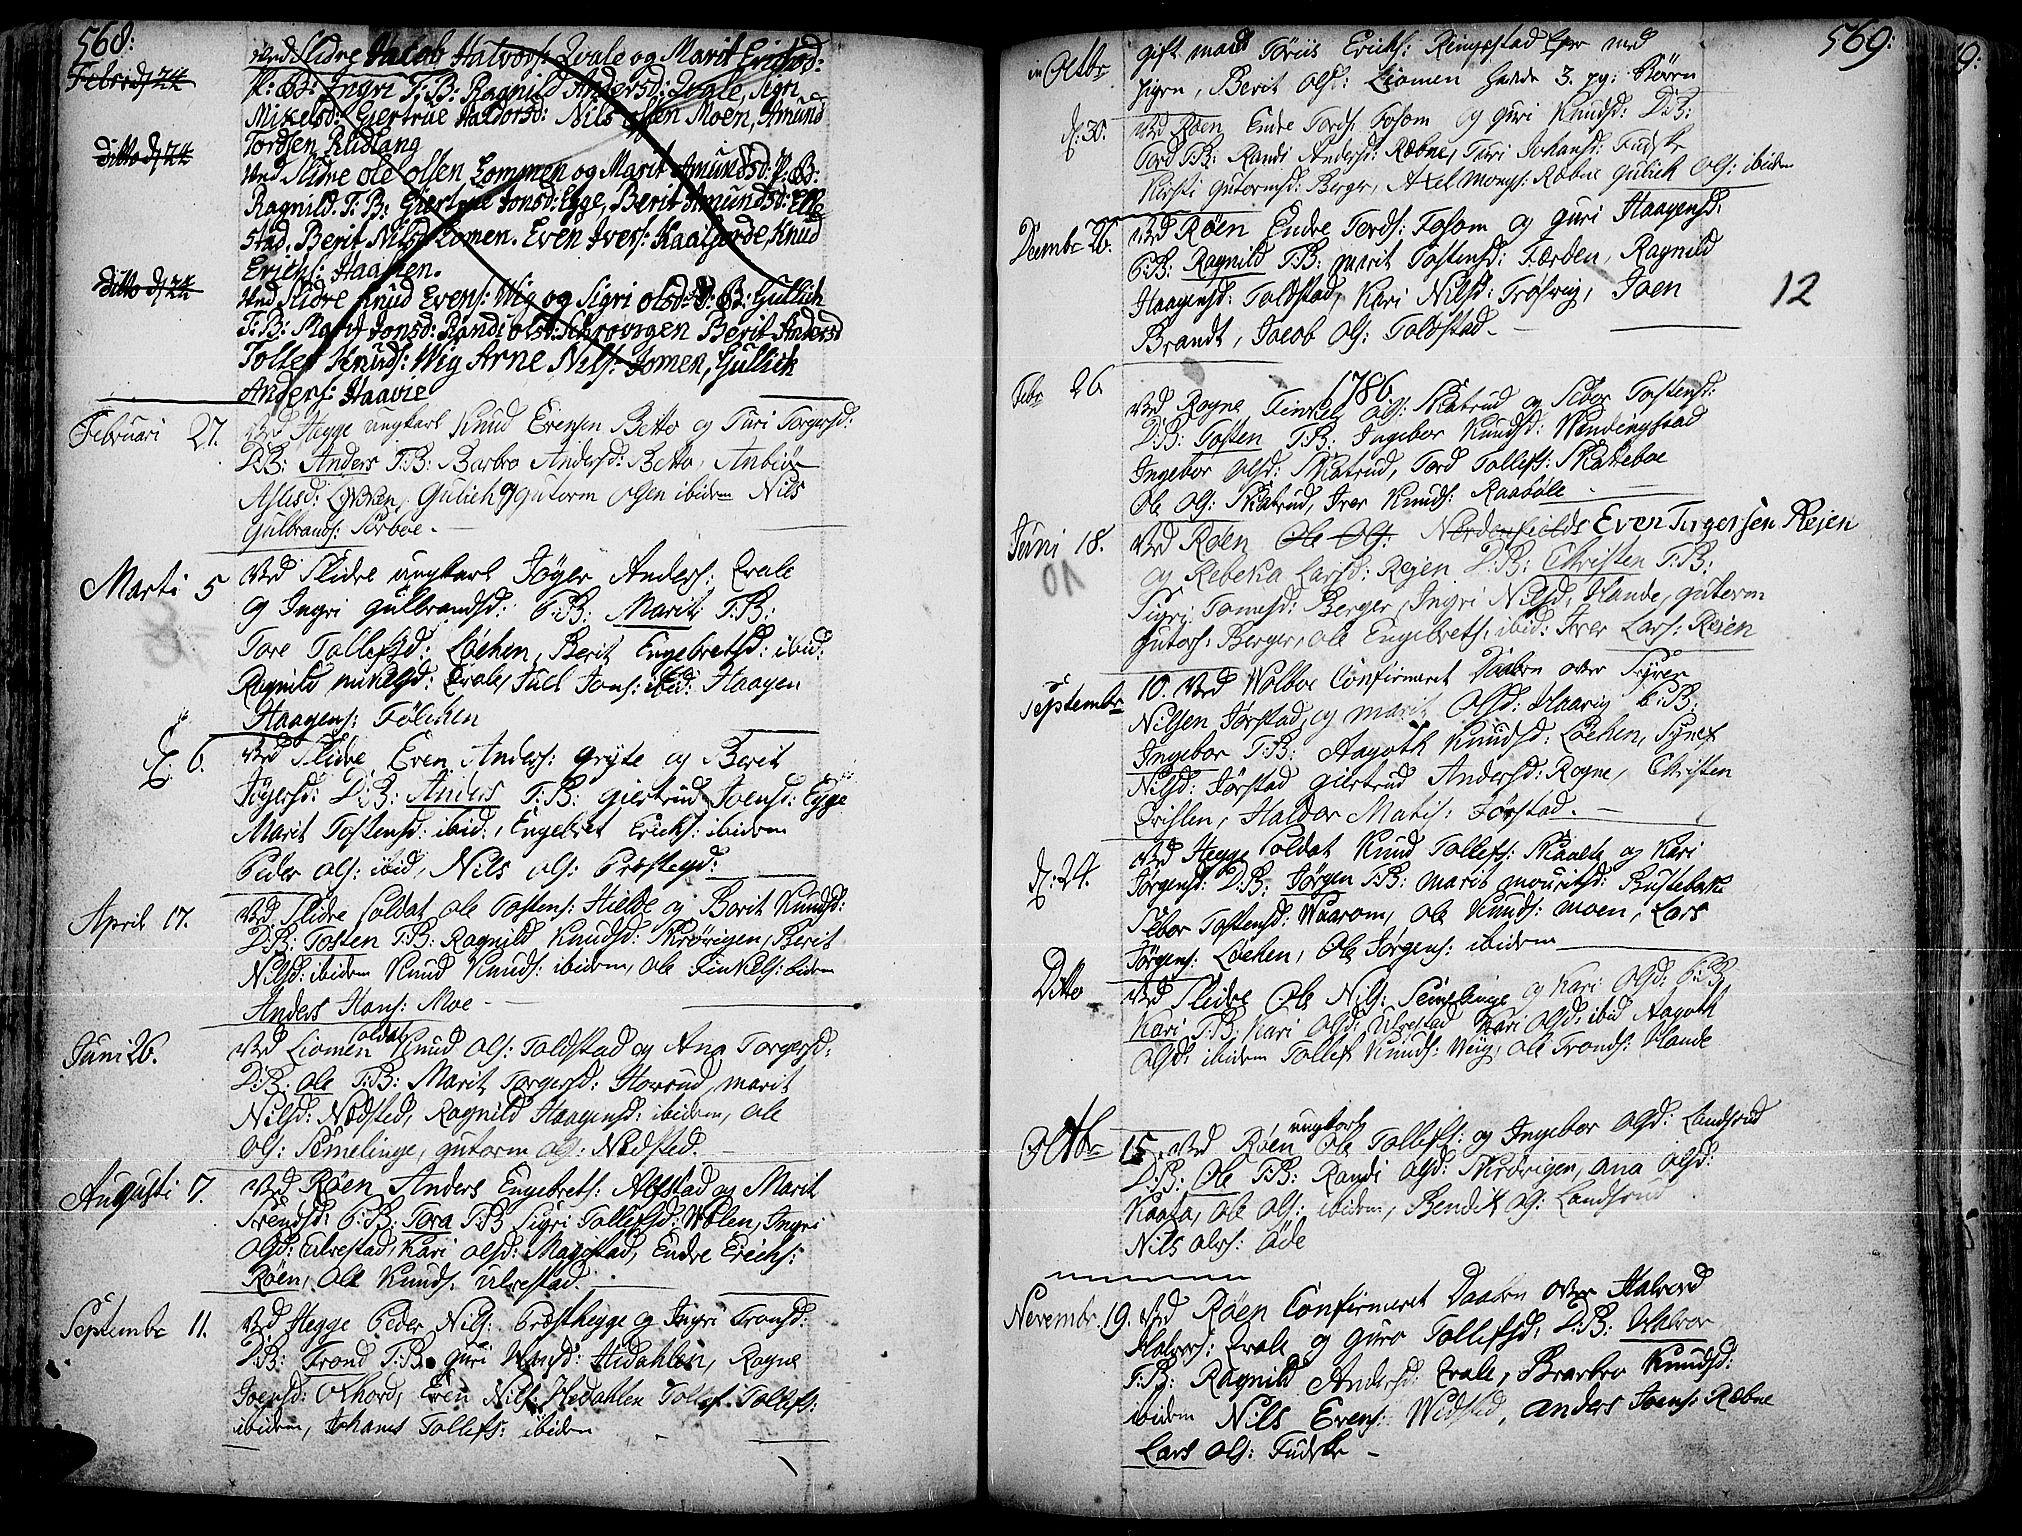 SAH, Slidre prestekontor, Ministerialbok nr. 1, 1724-1814, s. 568-569